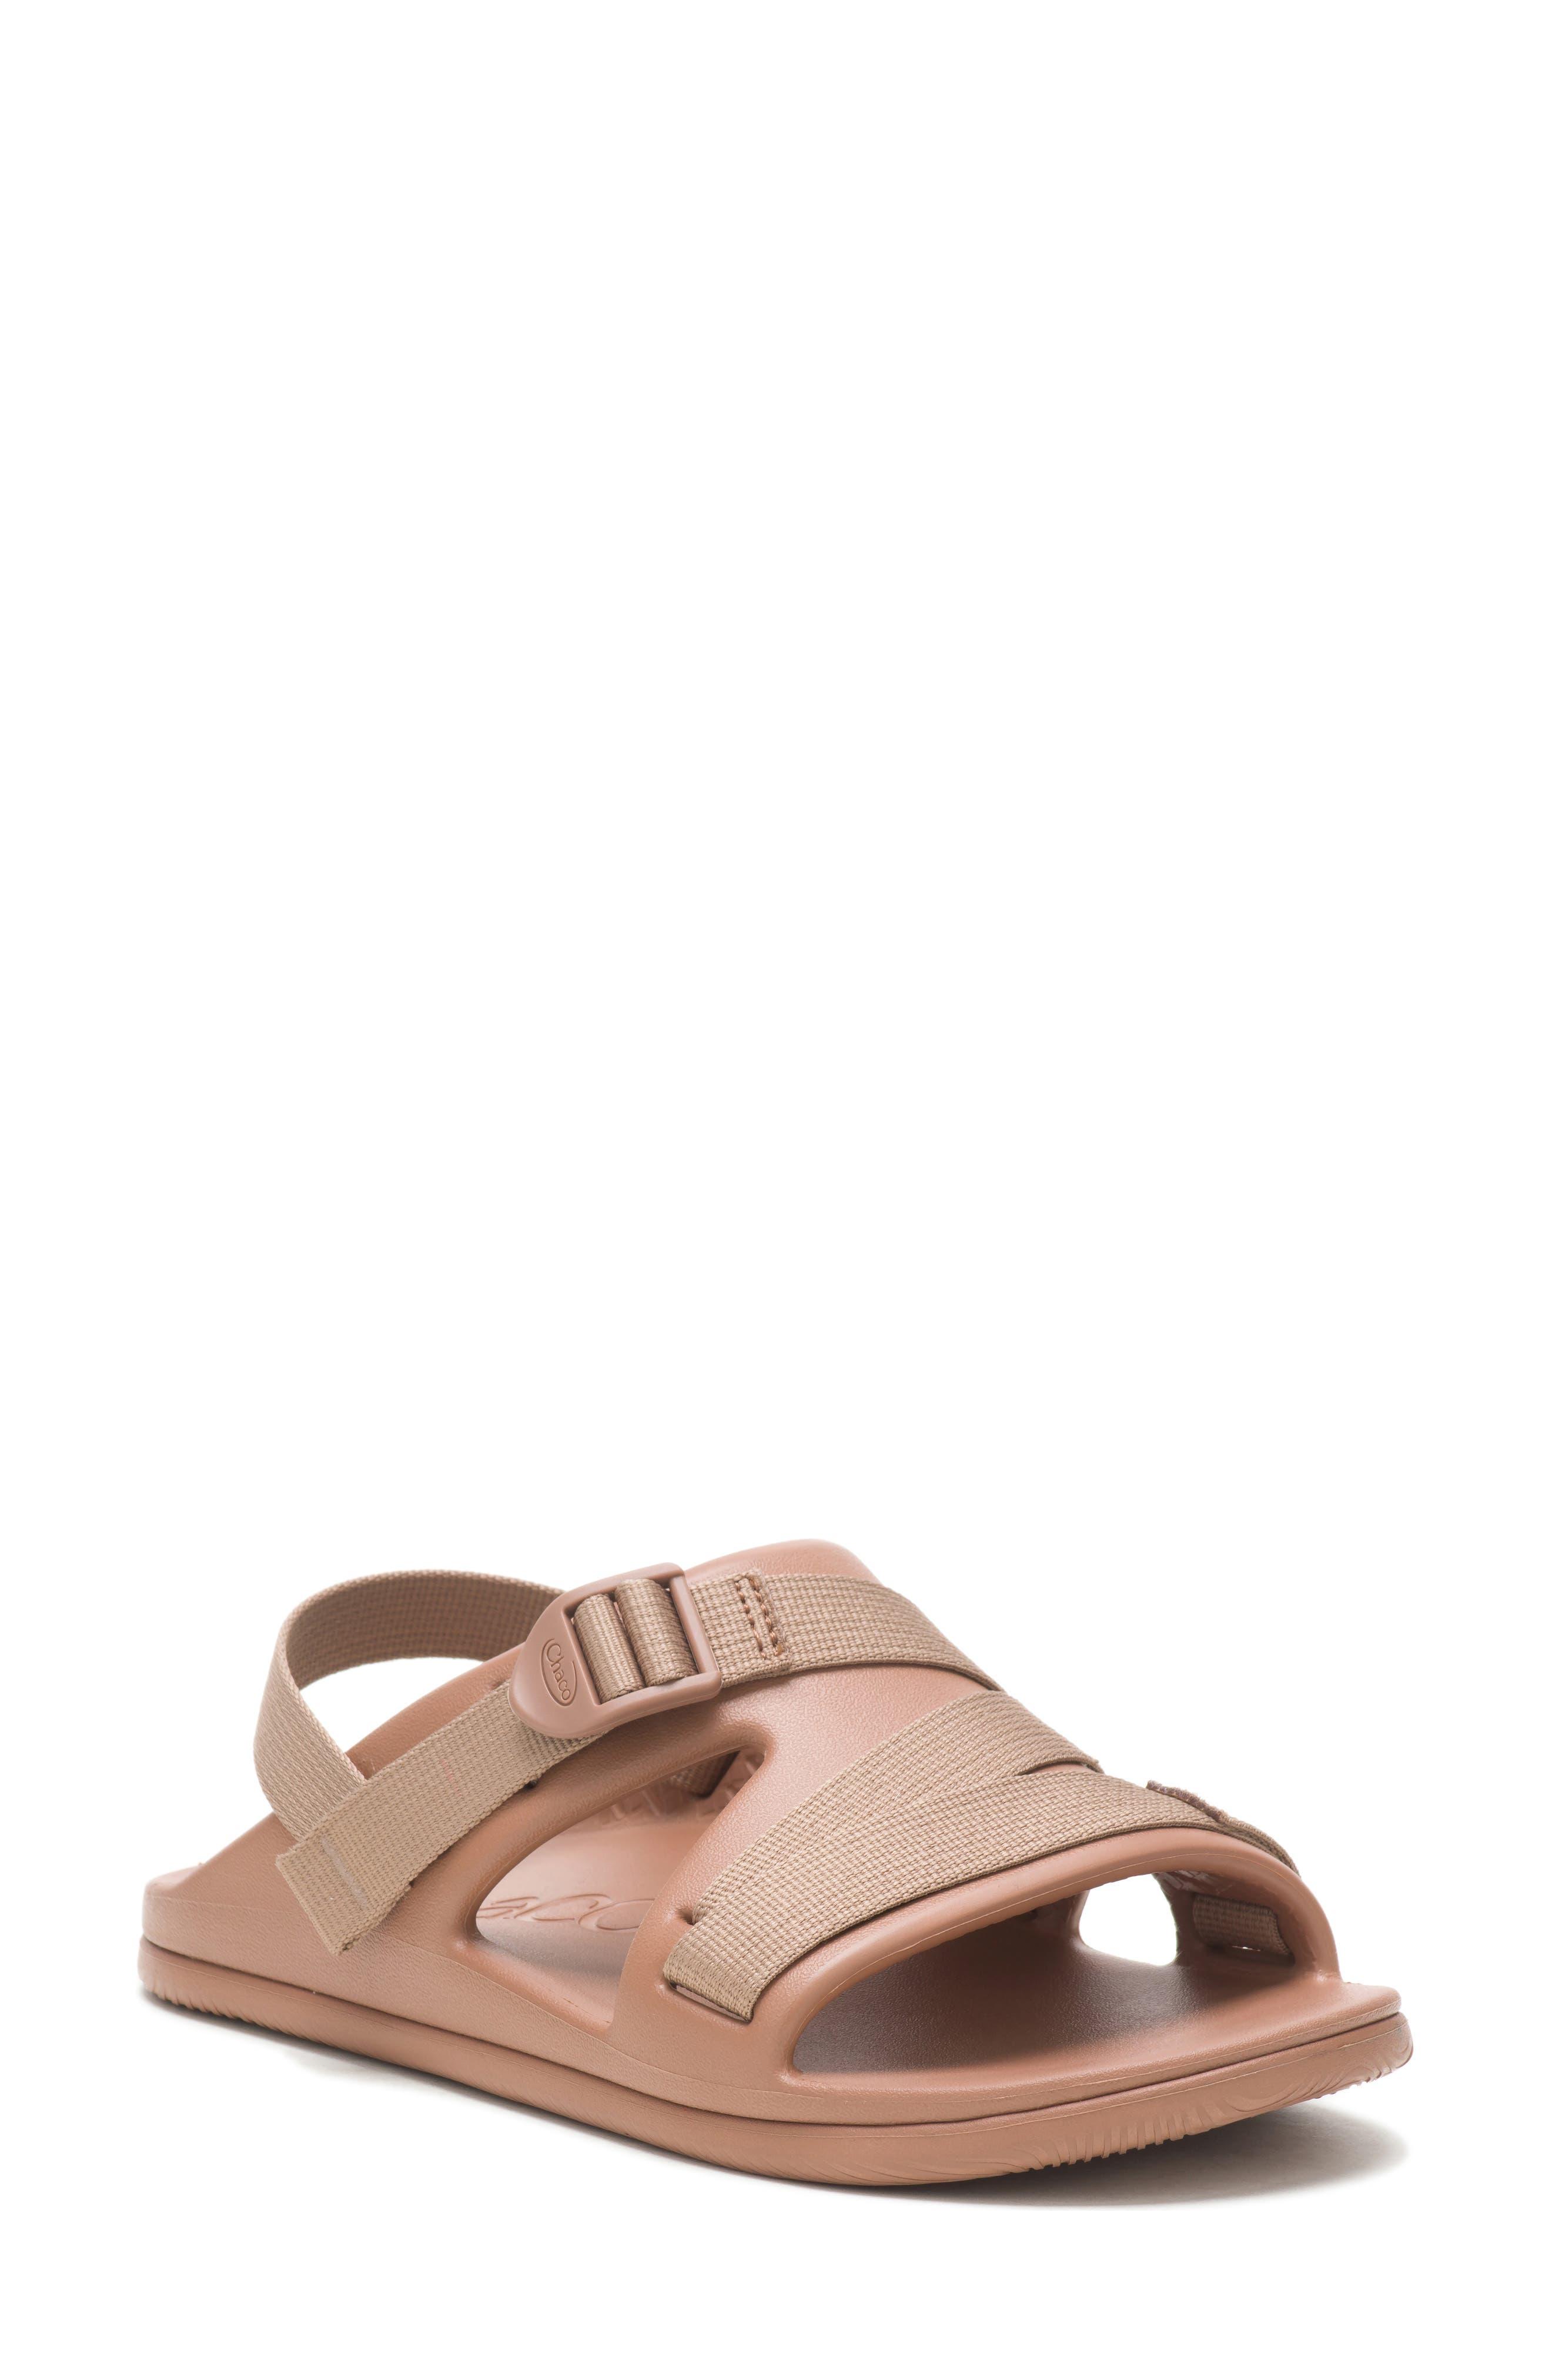 Chillos Sport Sandal